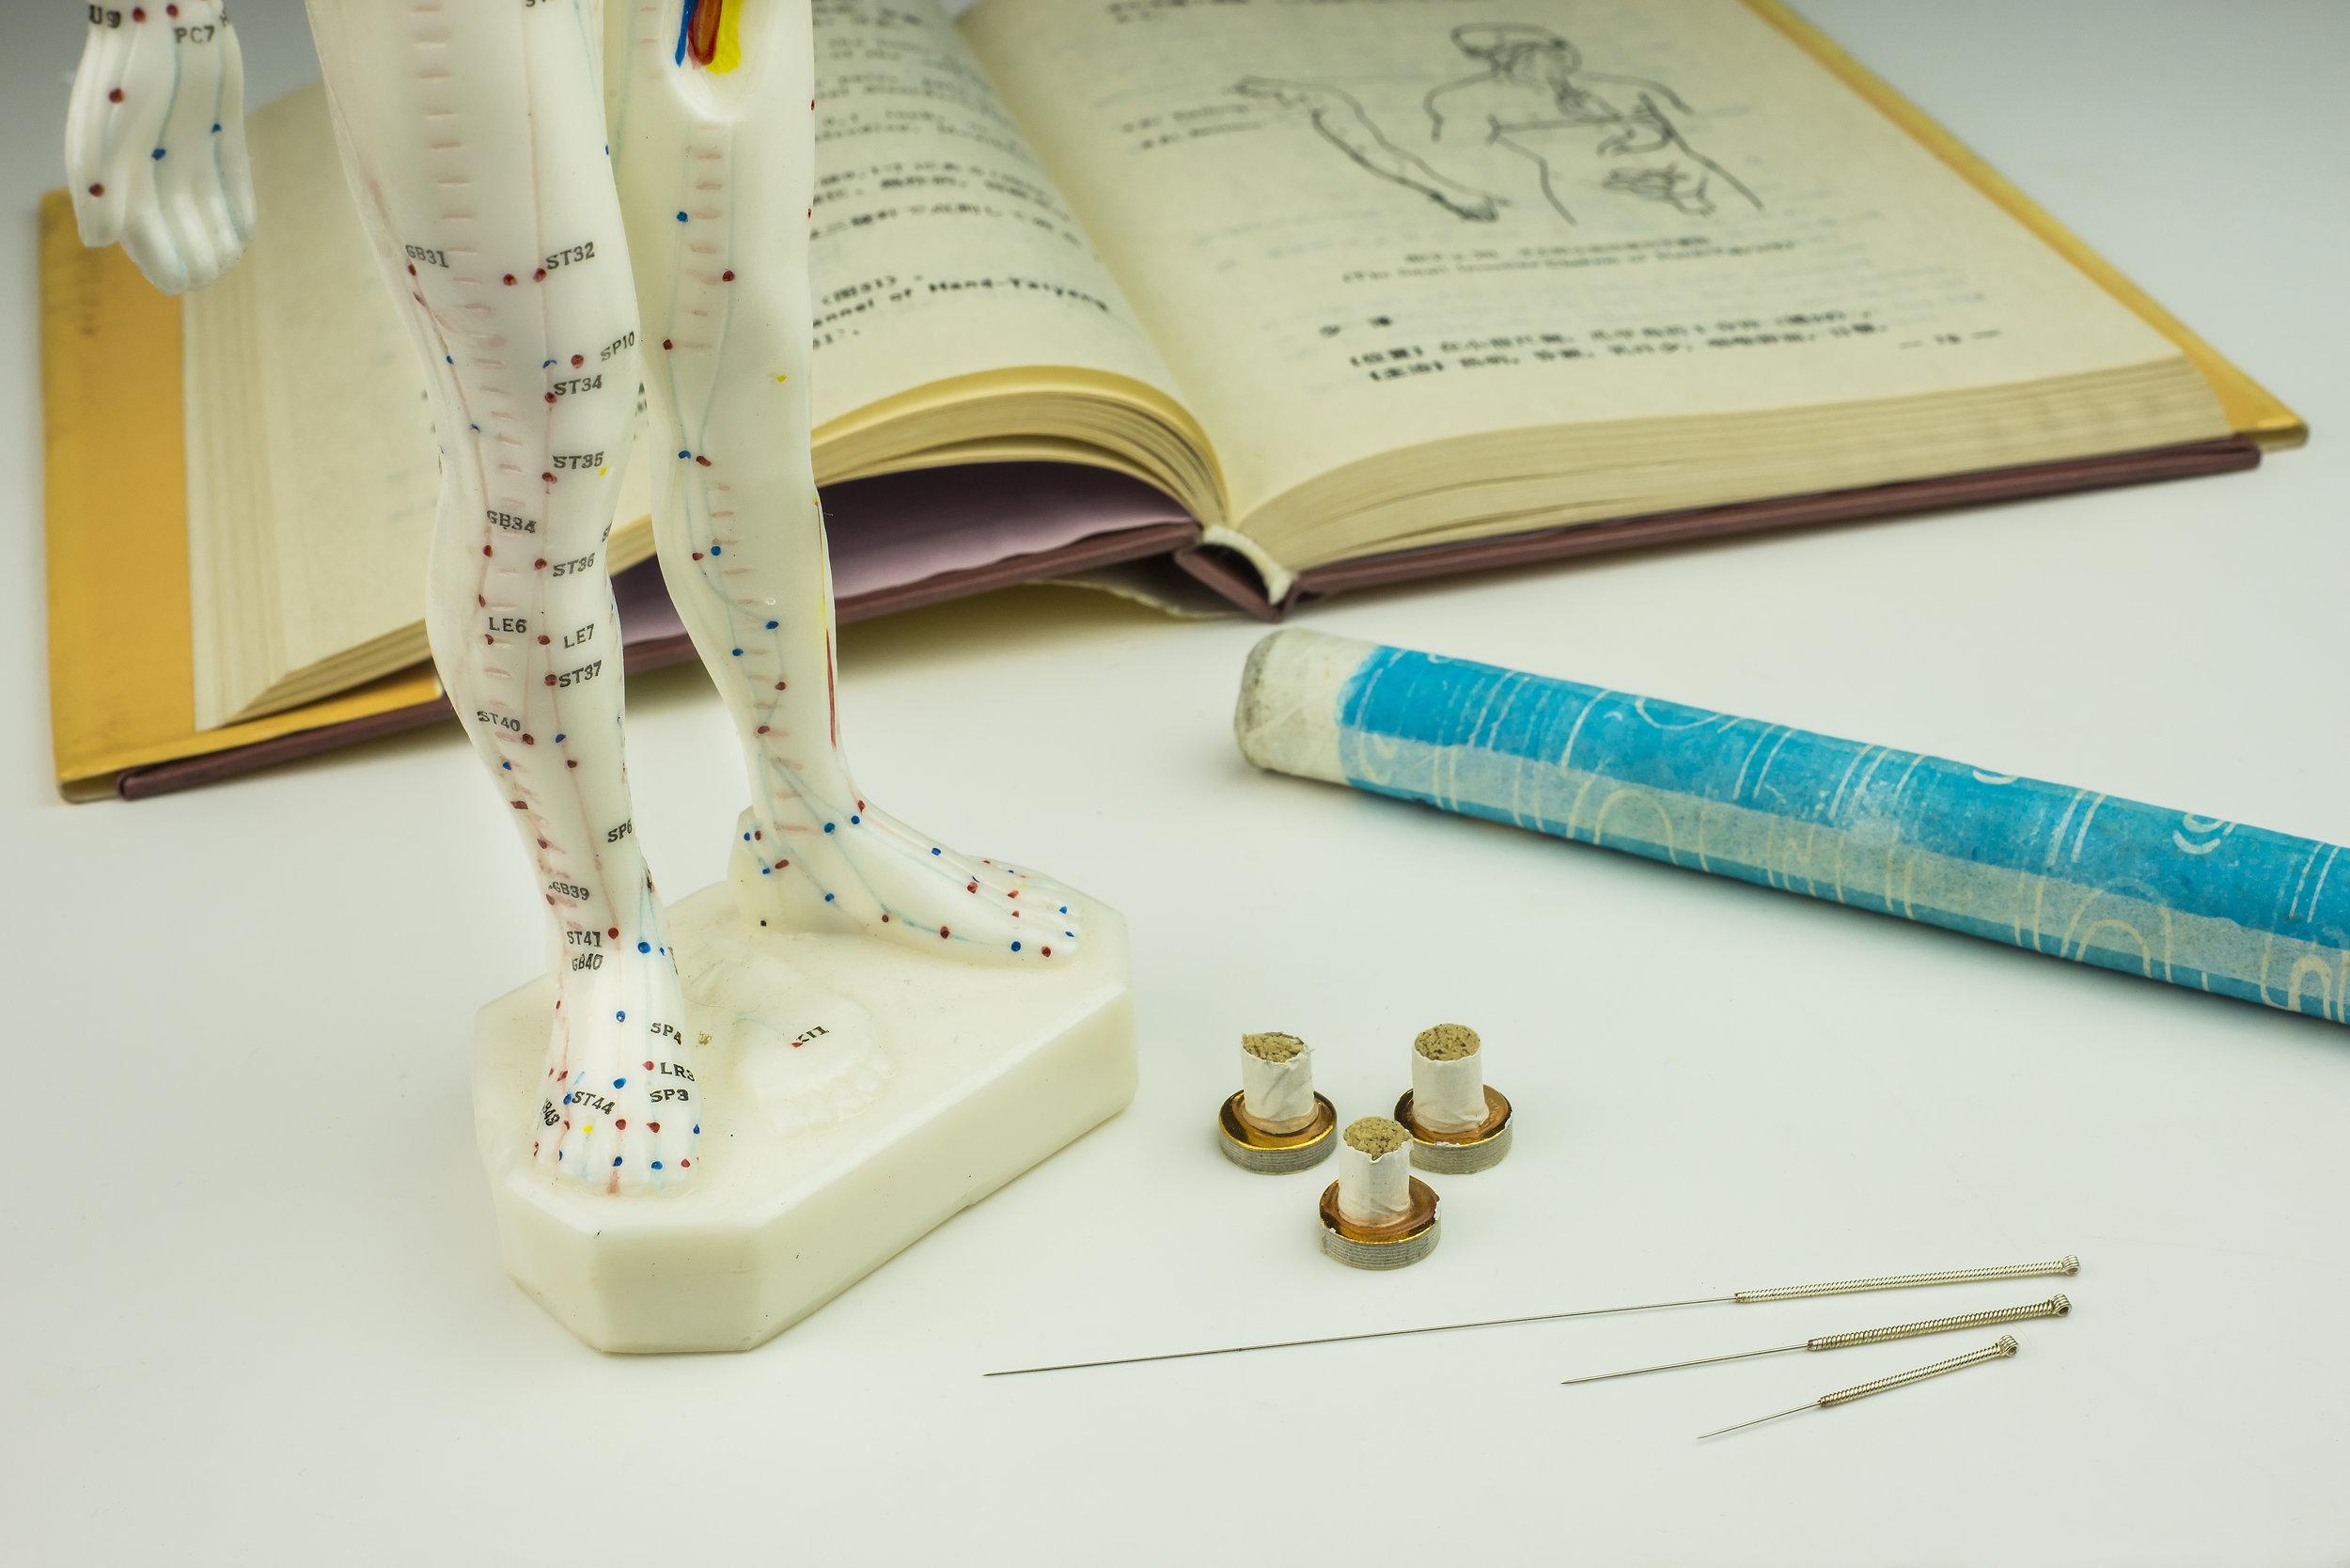 Acupuncture fertility